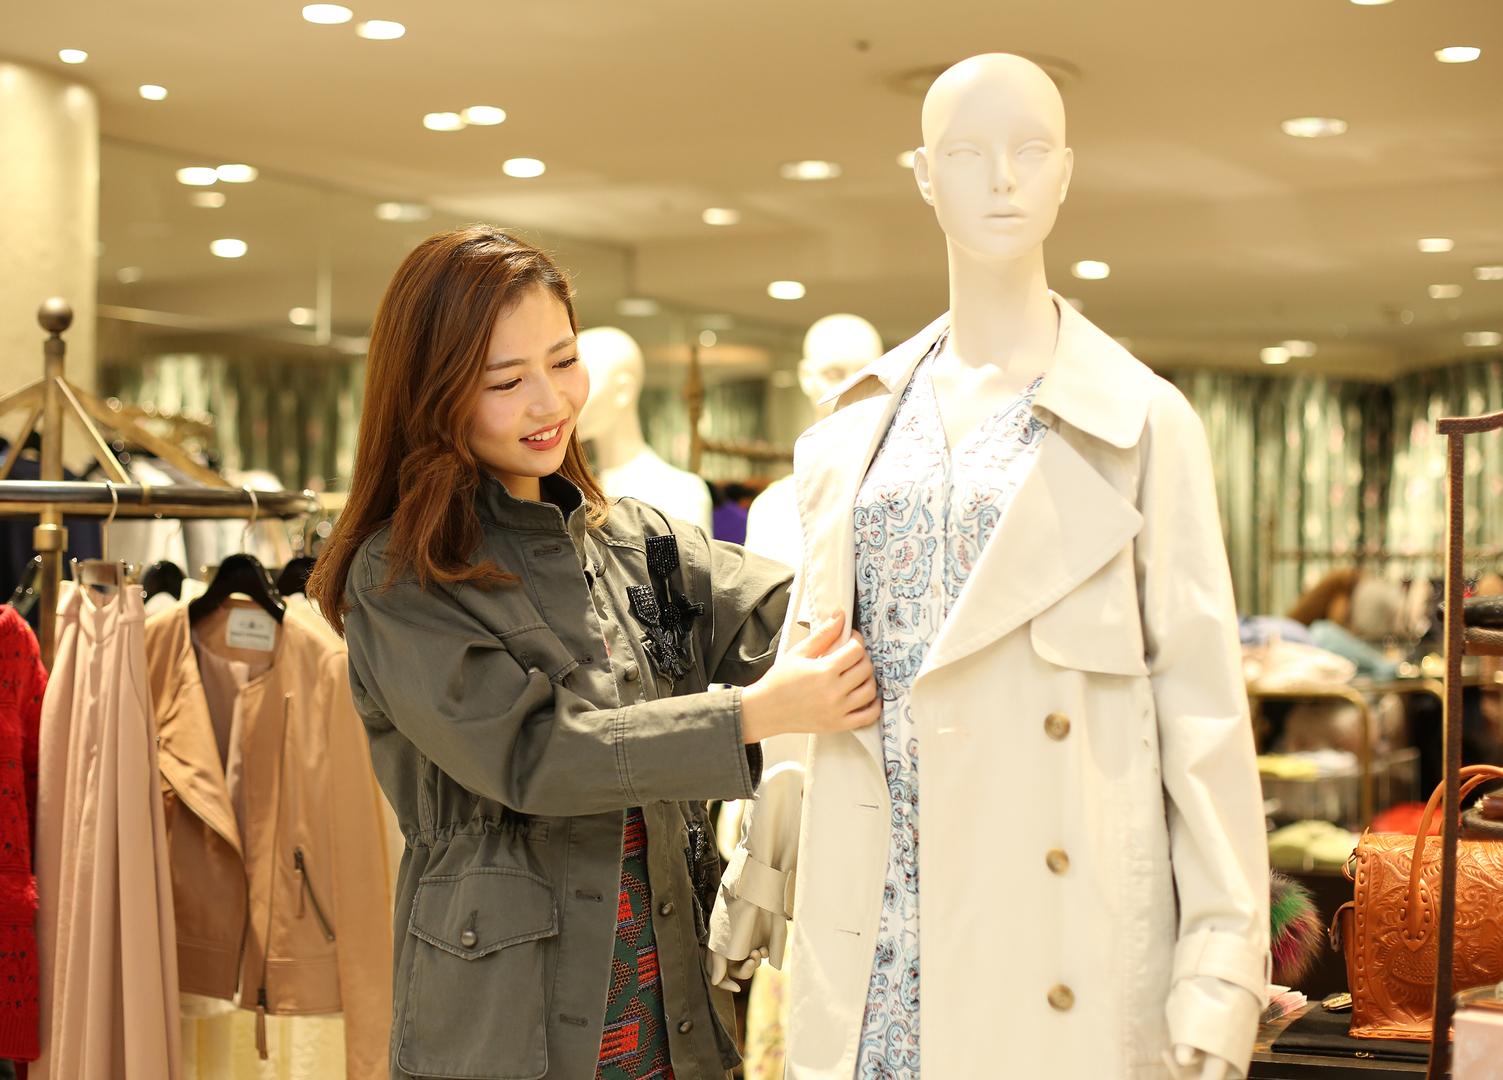 福岡|ハイクオリティーブランドで販売職を募集します <未経験OK> のカバー写真